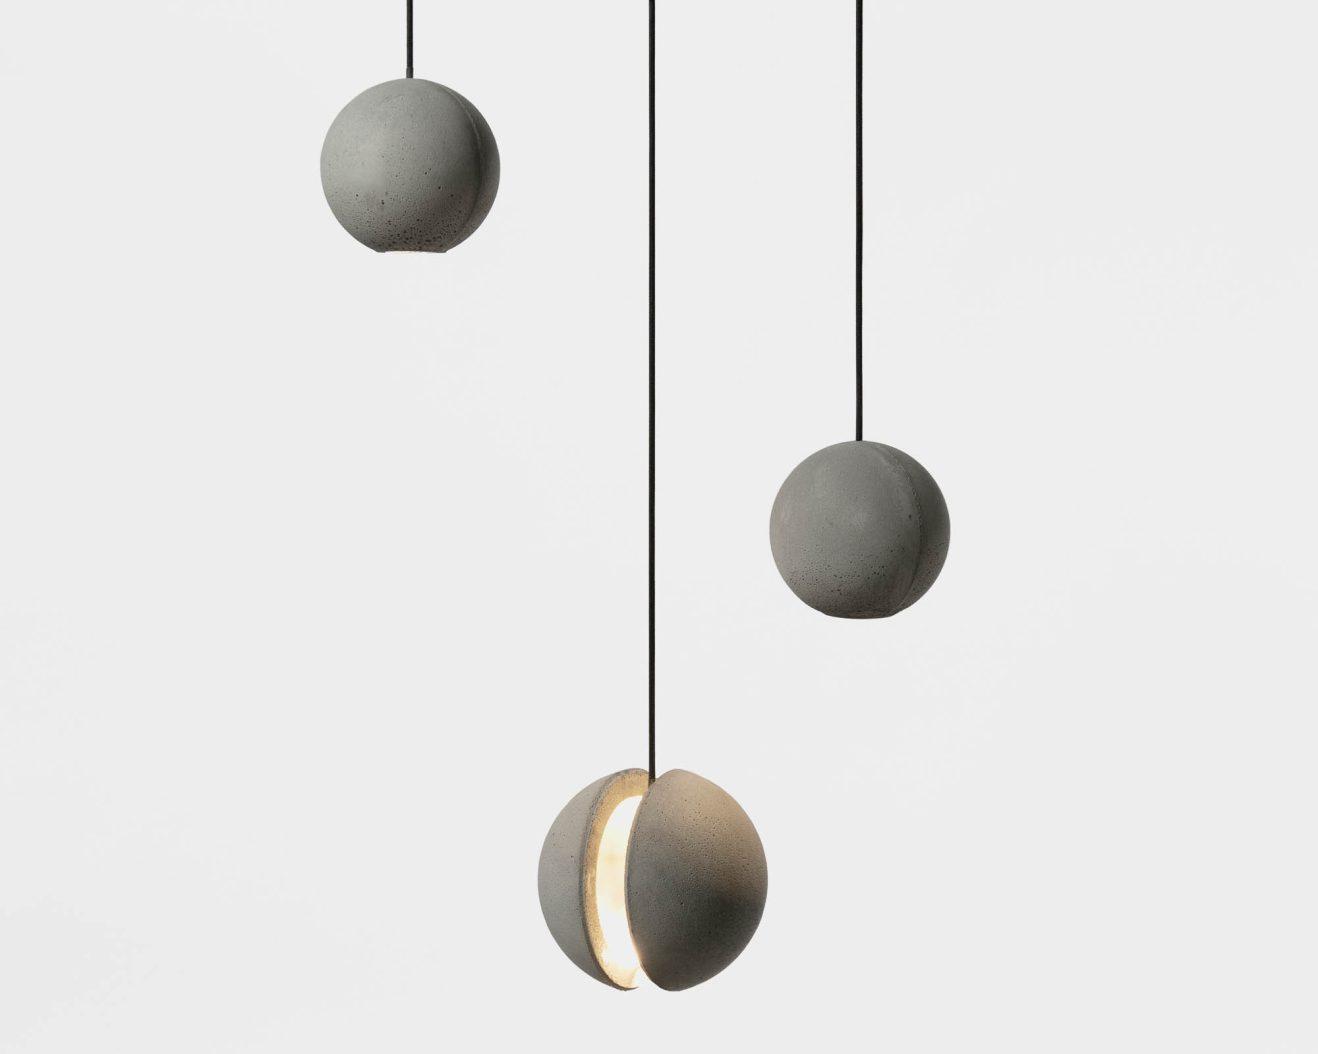 Moon-BentuDesign-pendantlamp3